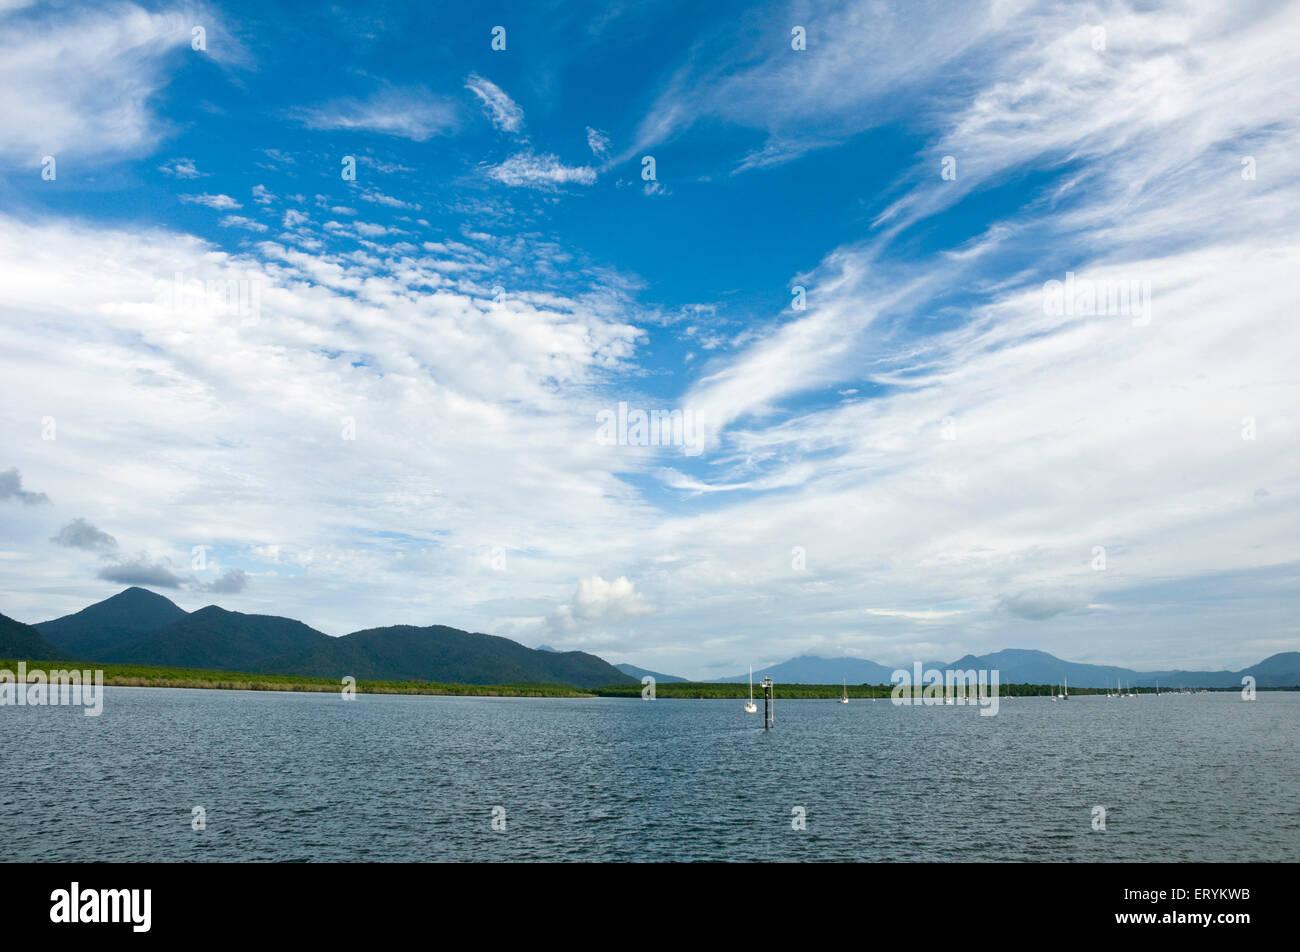 Cloudscape off port en direction de l'île Green;;; Queensland Australie Cairns Banque D'Images